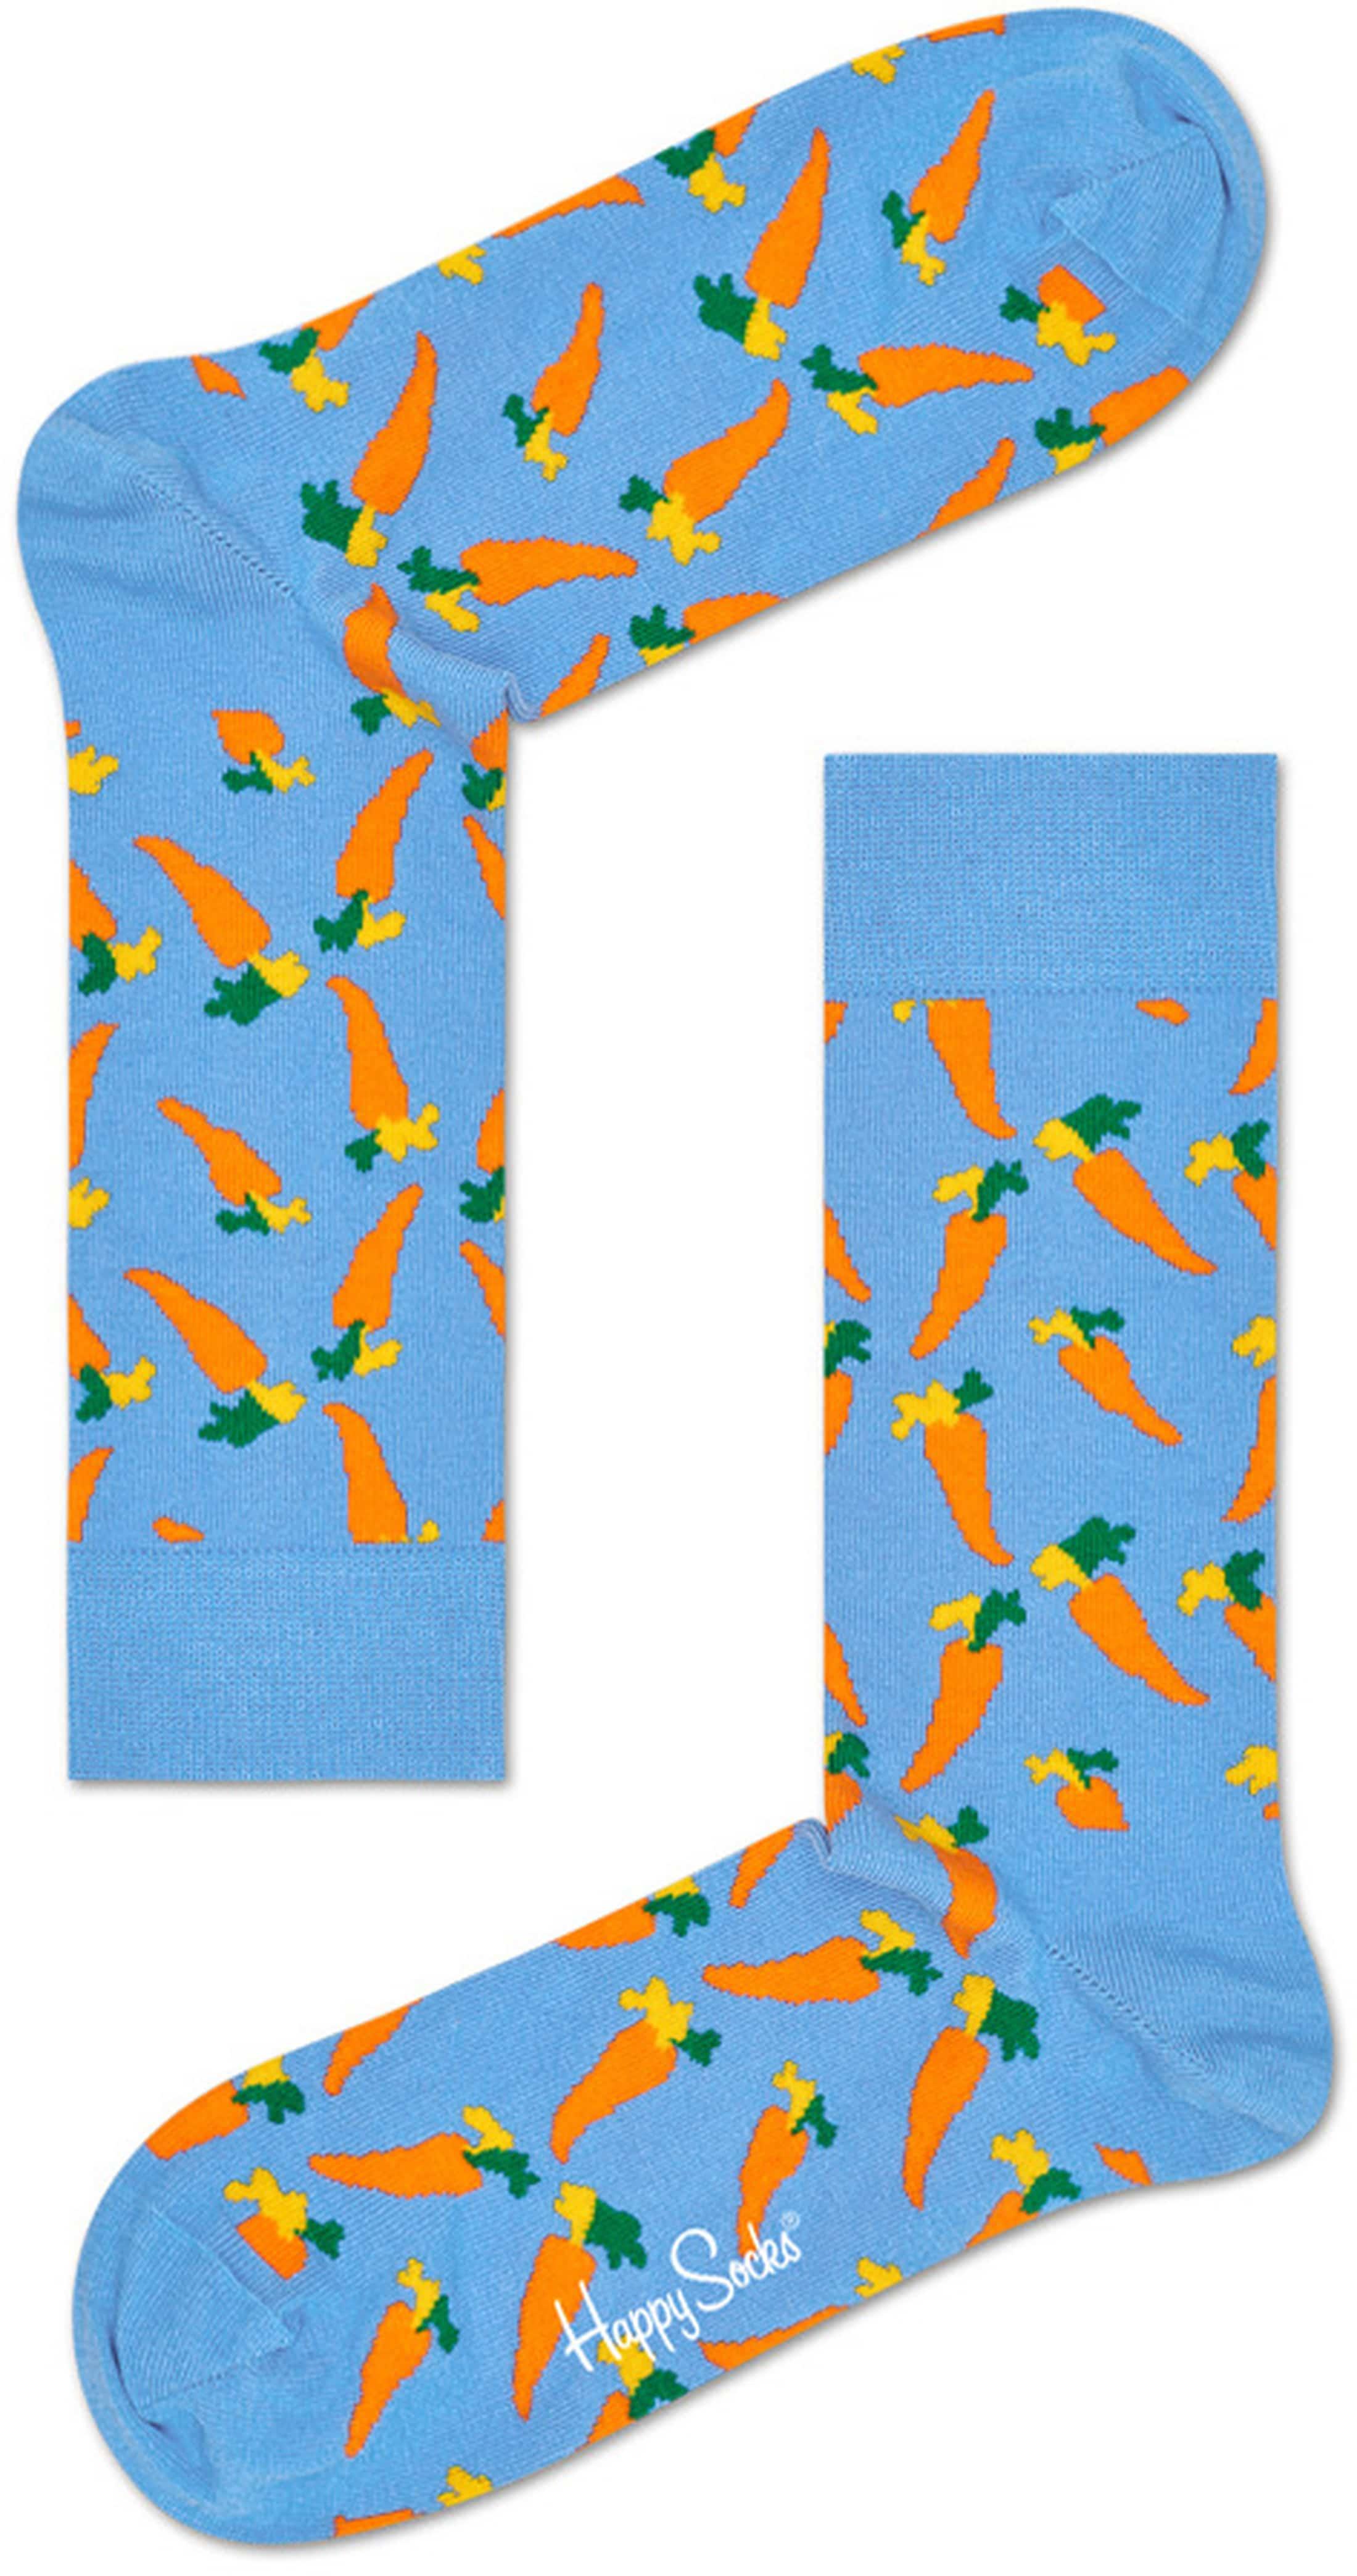 Happy Socks Wortels foto 0